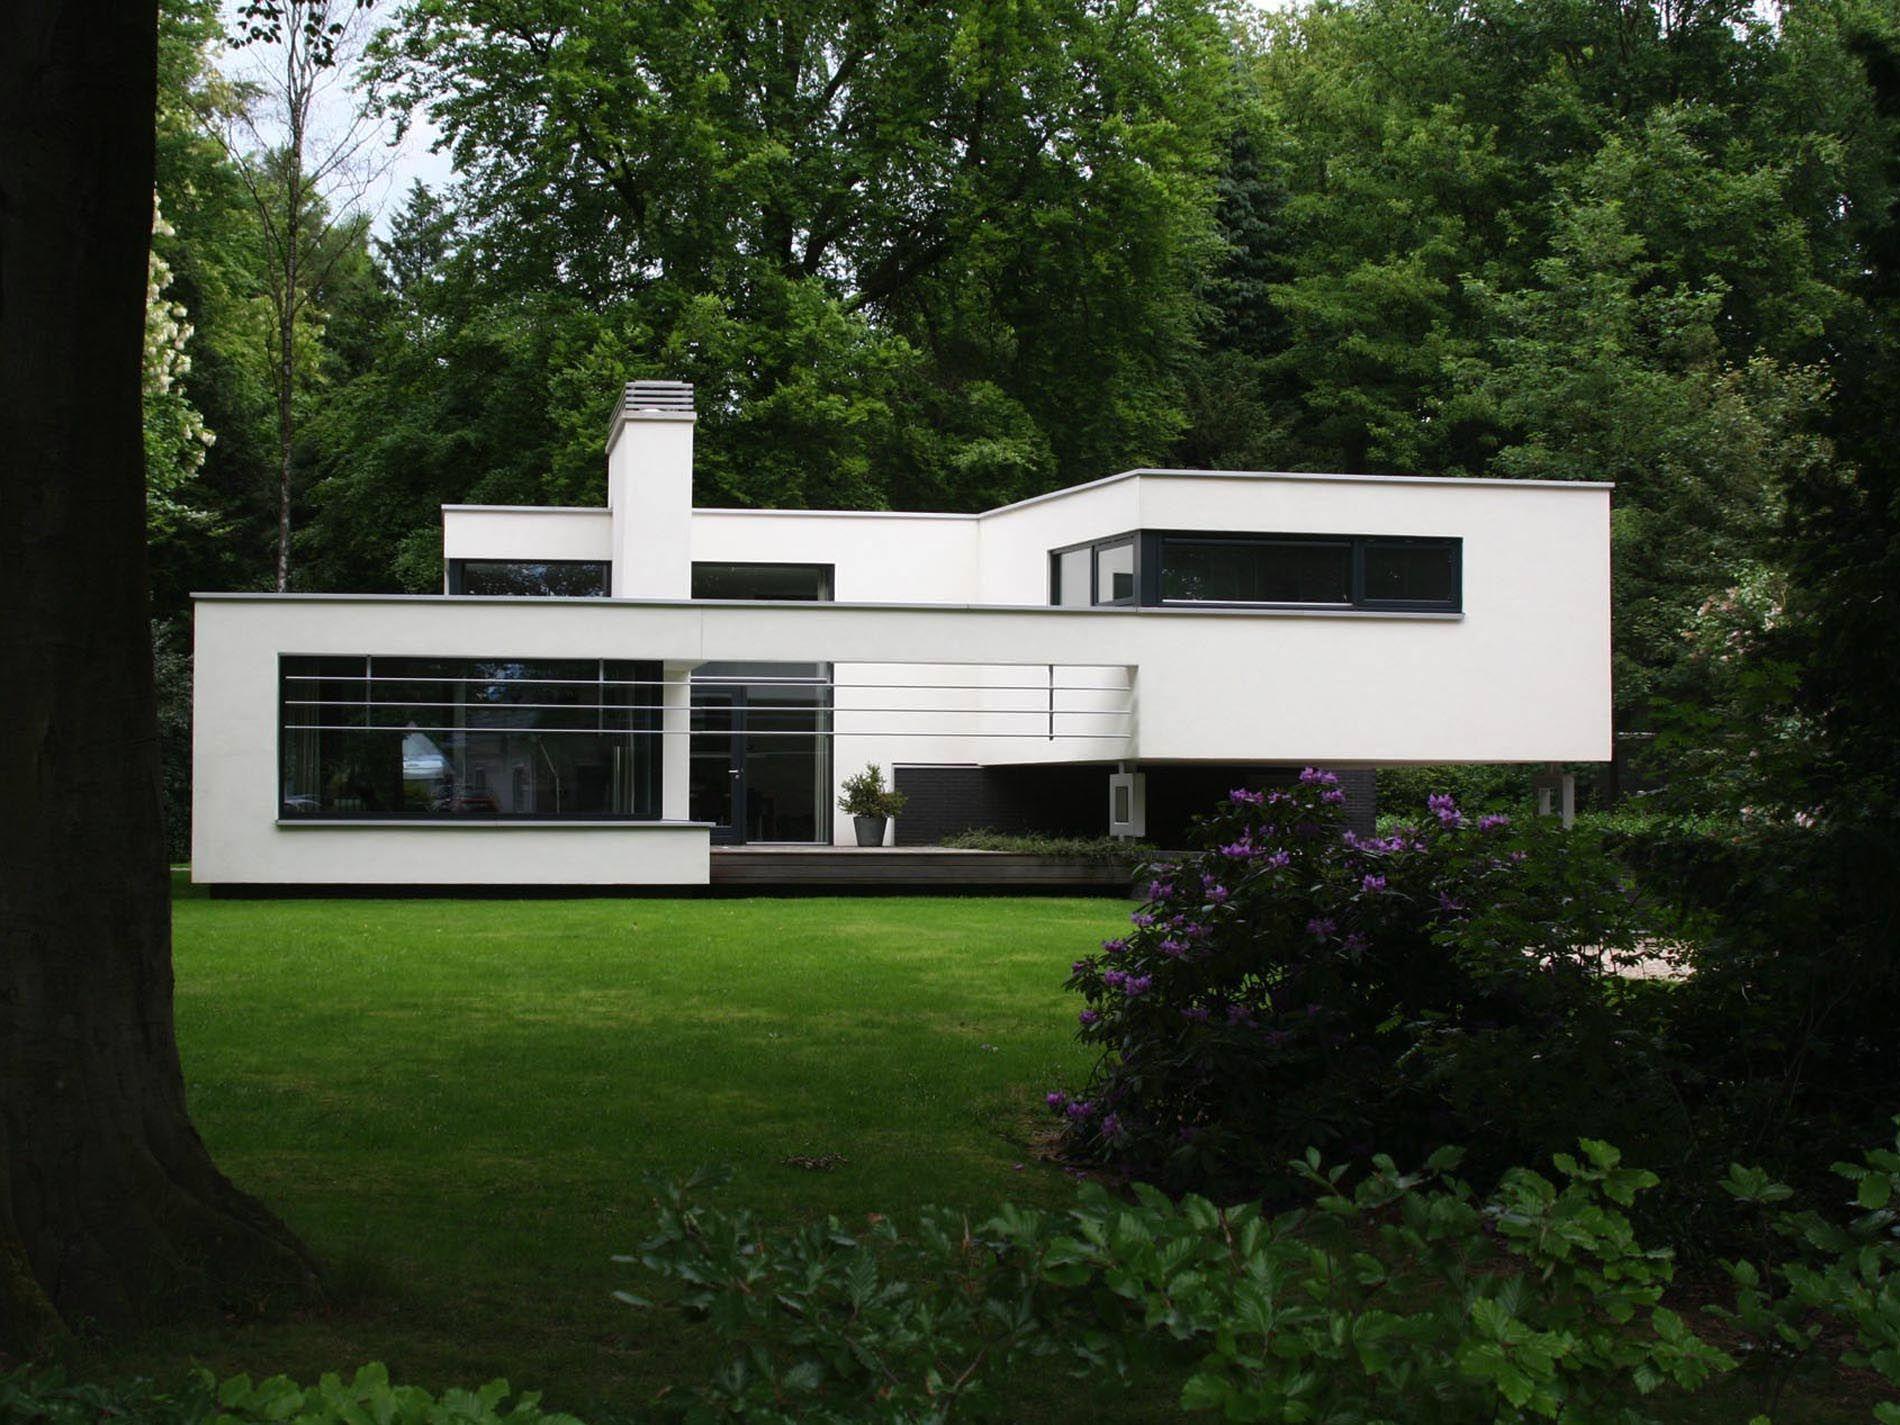 Maas architecten » woonhuis schalkhaar stucwerk modern villa